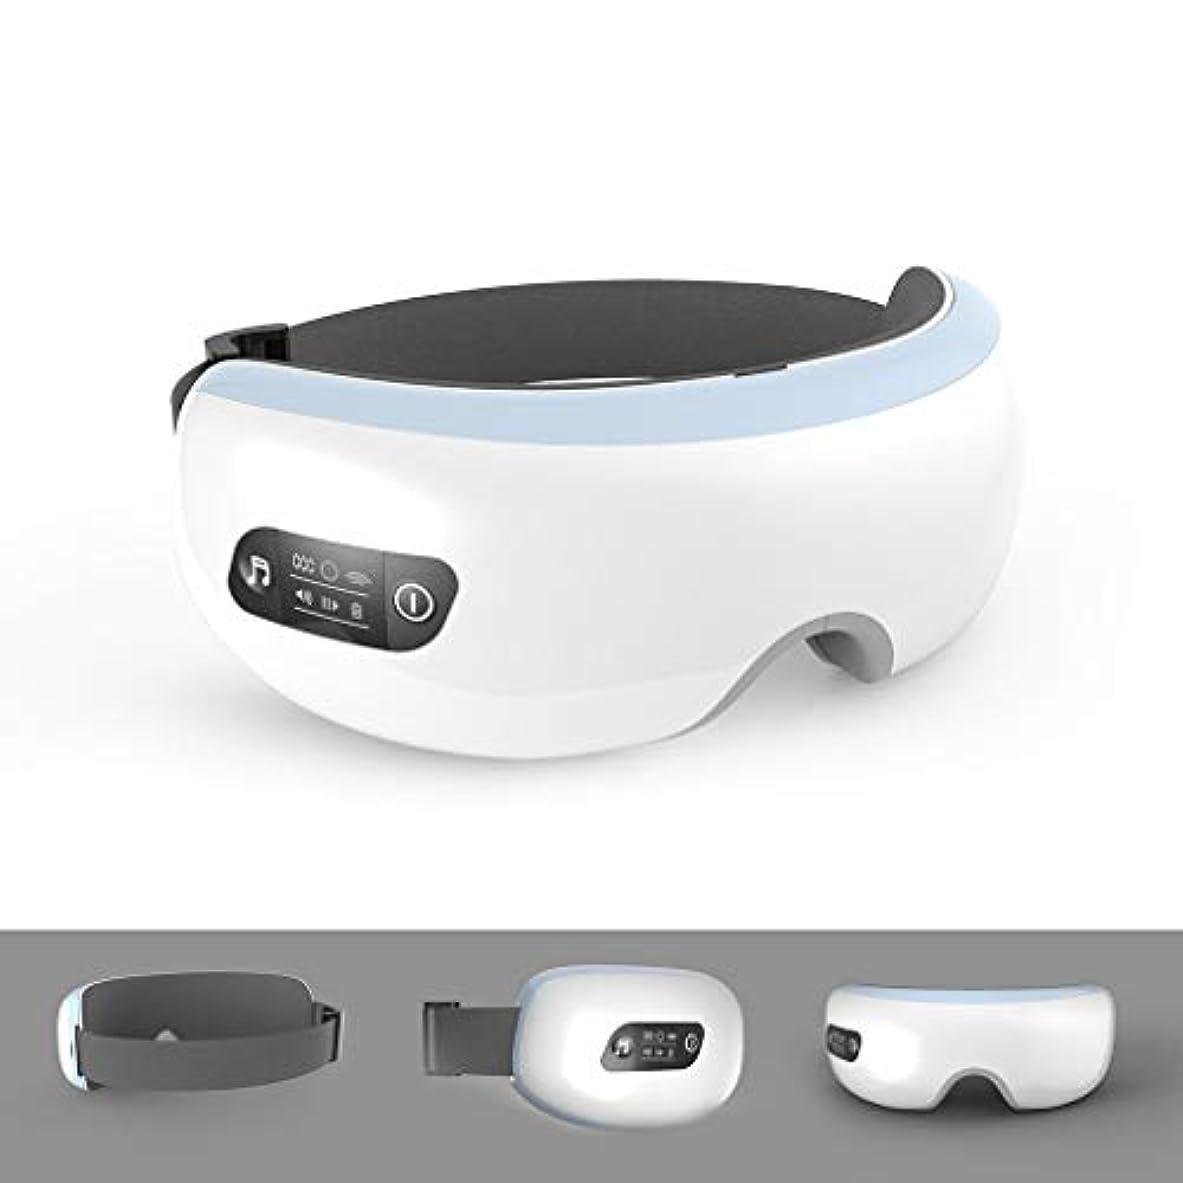 スチュワーデスネクタイ時々時々アイマッサージャープレッシャー付アイマッサージャー振動マッサージミュージック赤外線温熱療法ポータブル機能アイバッグを排除、アイ磁気遠赤外線加熱ケア